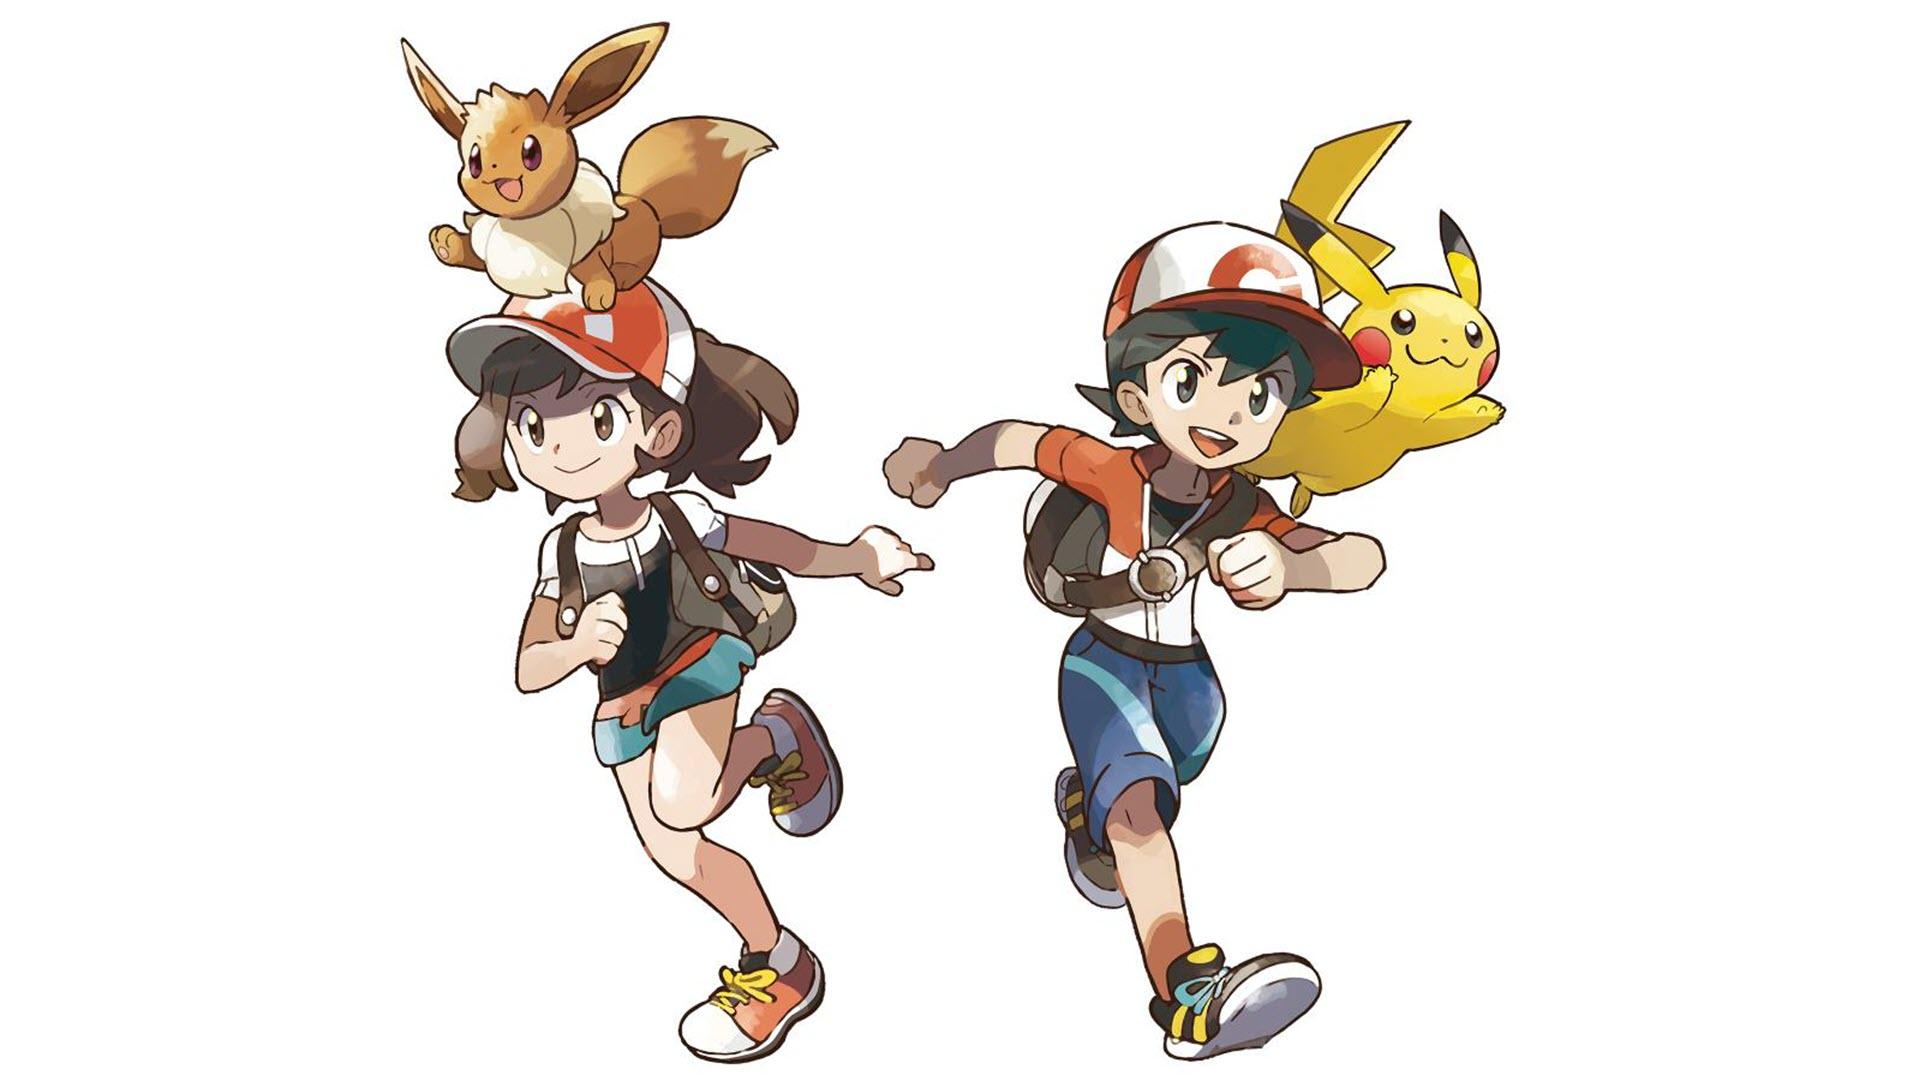 Ảnh nền Pikachu cực chất